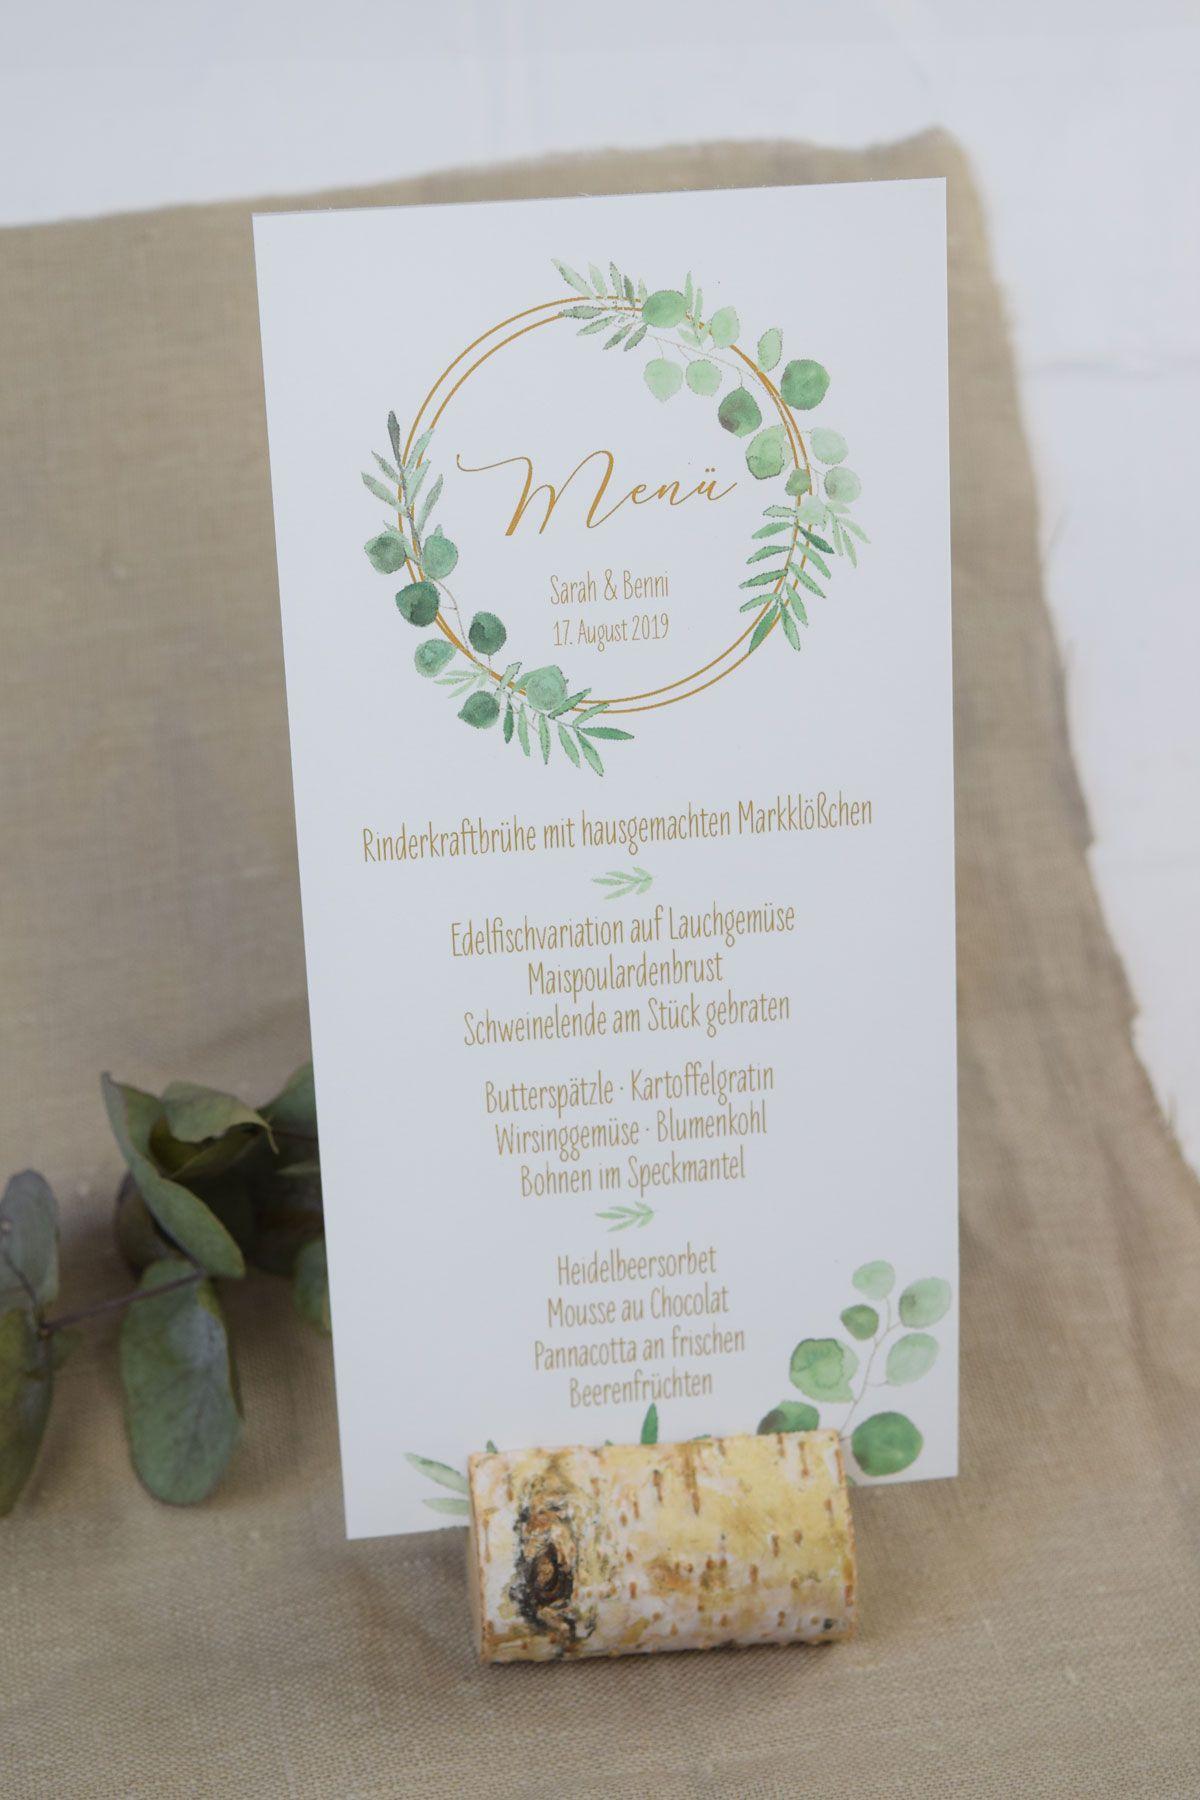 Menukarte Hochzeit Motiv Ring Liebe Speisekarte Hochzeit Hochzeitsmenu Vintage Hochzeit Hoop Wedding Motifs Wedding Menu Wedding Cards